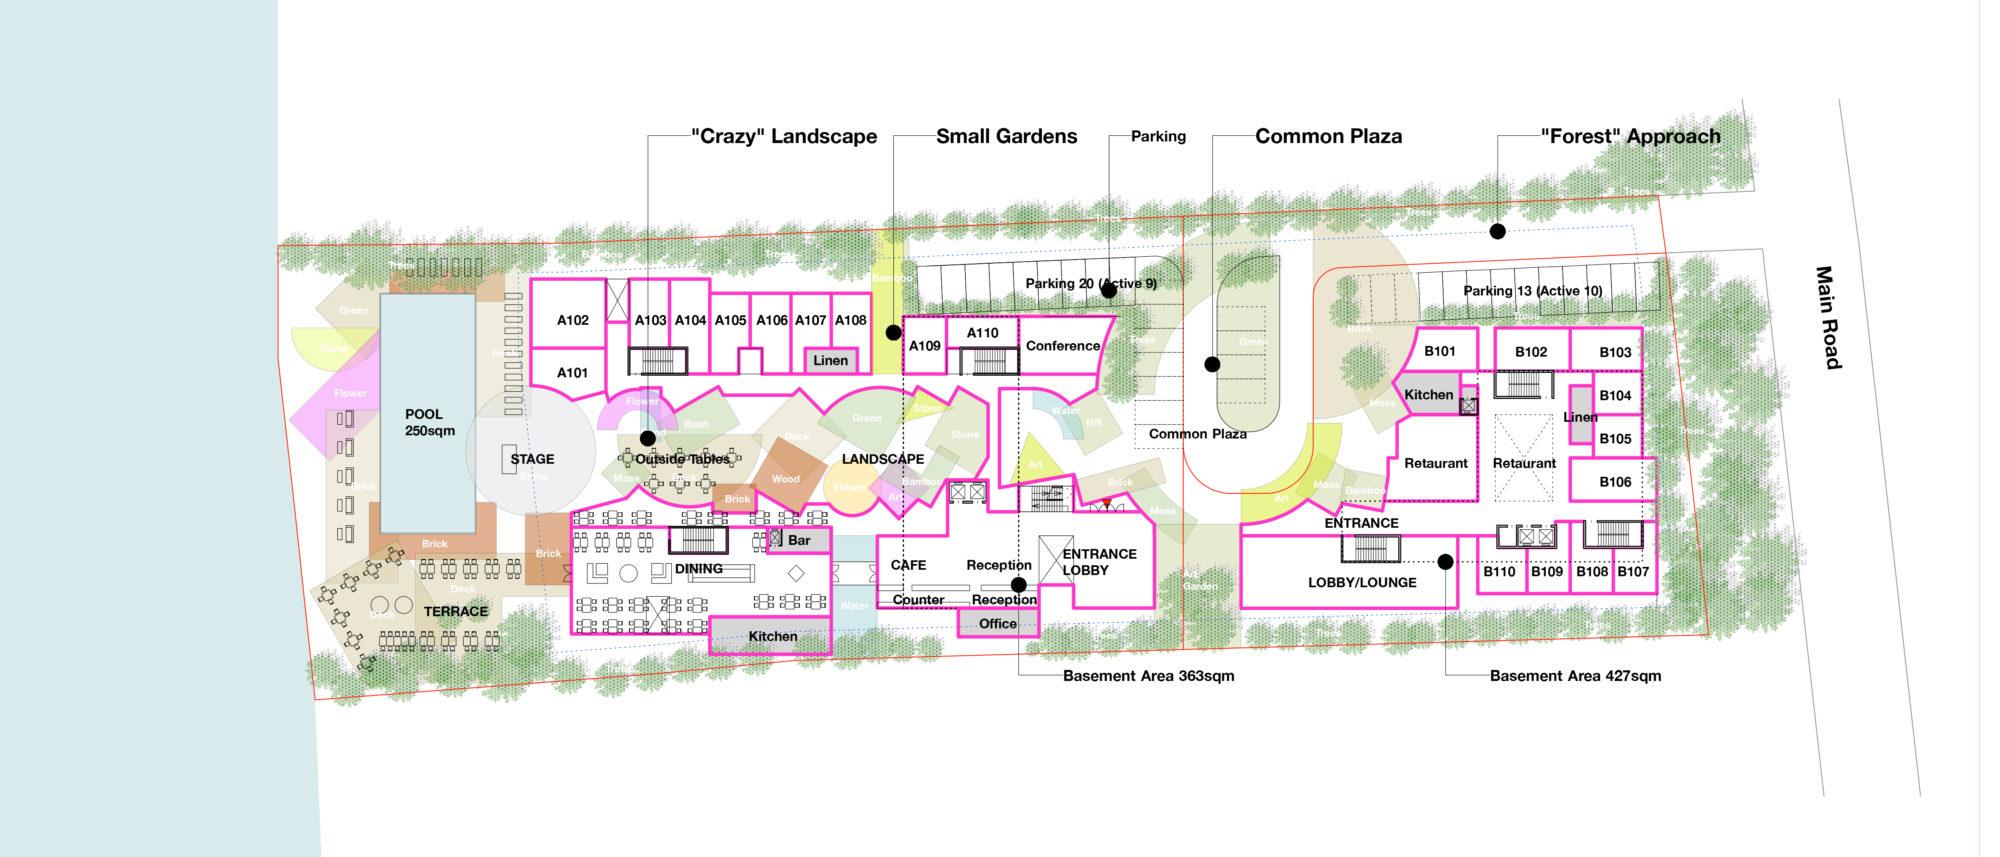 Ayutthaya Resort Crazy Landscape by Mosaic Design_plan